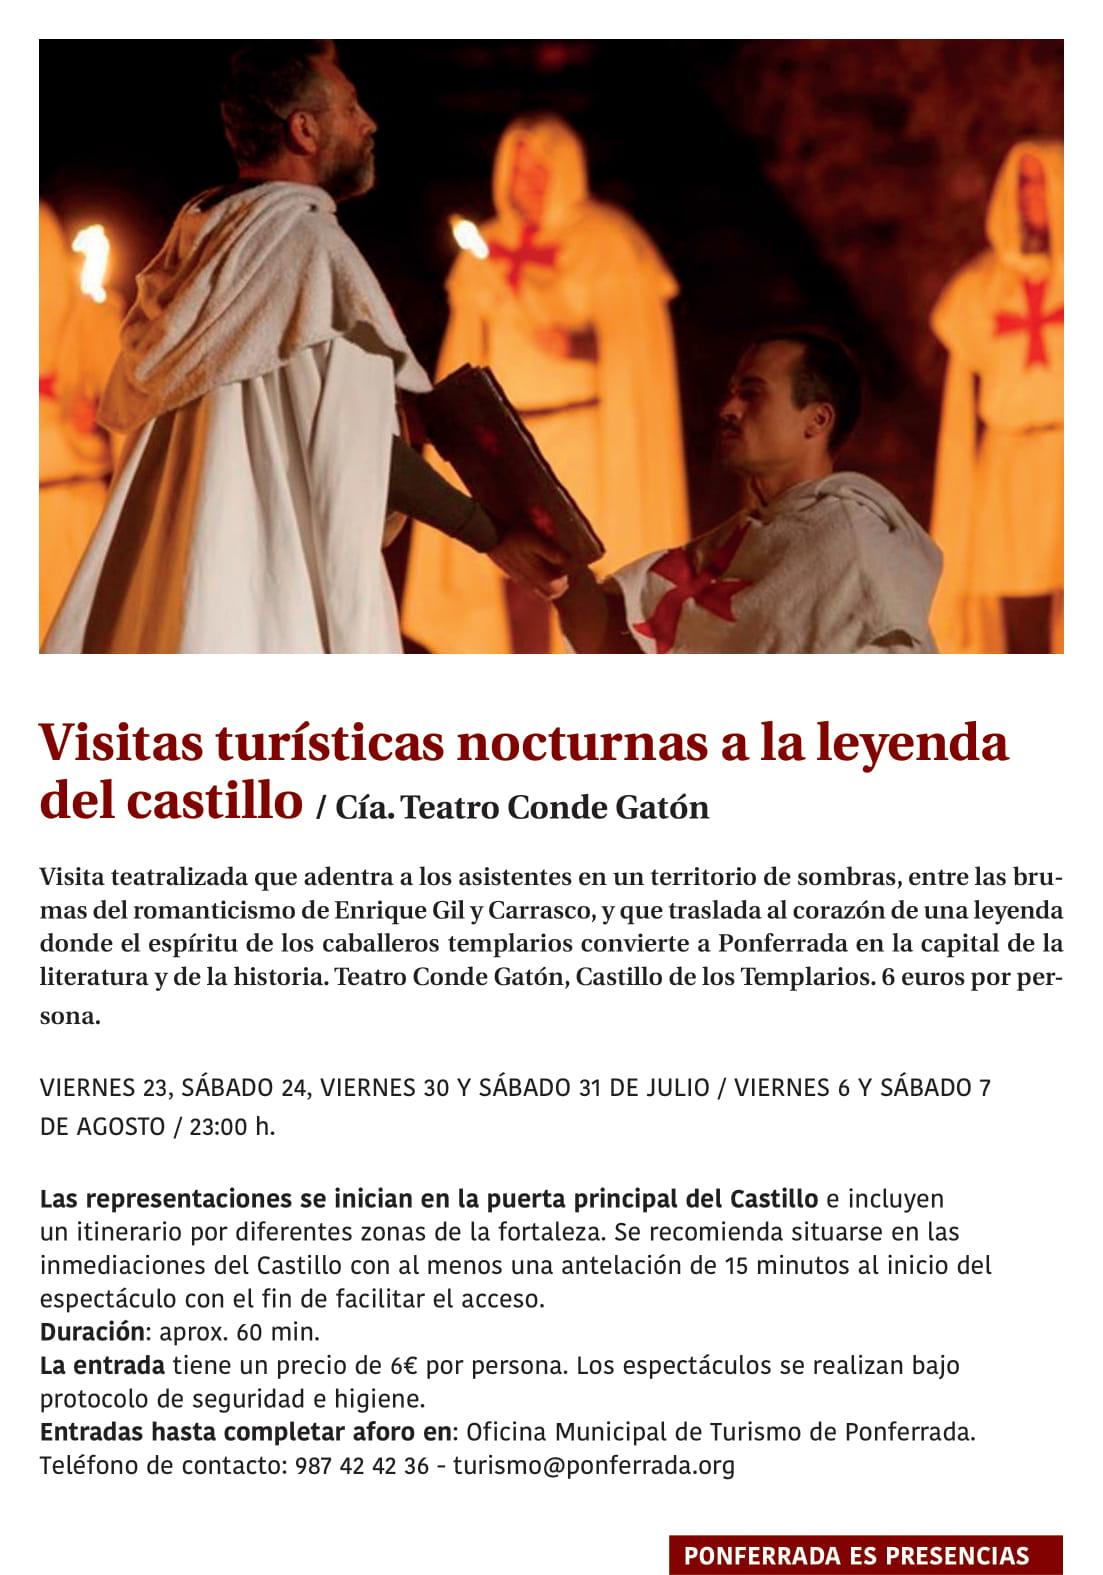 Ponferrada será... música, cultura, monumentos, turismo y más durante el verano de 2021 31